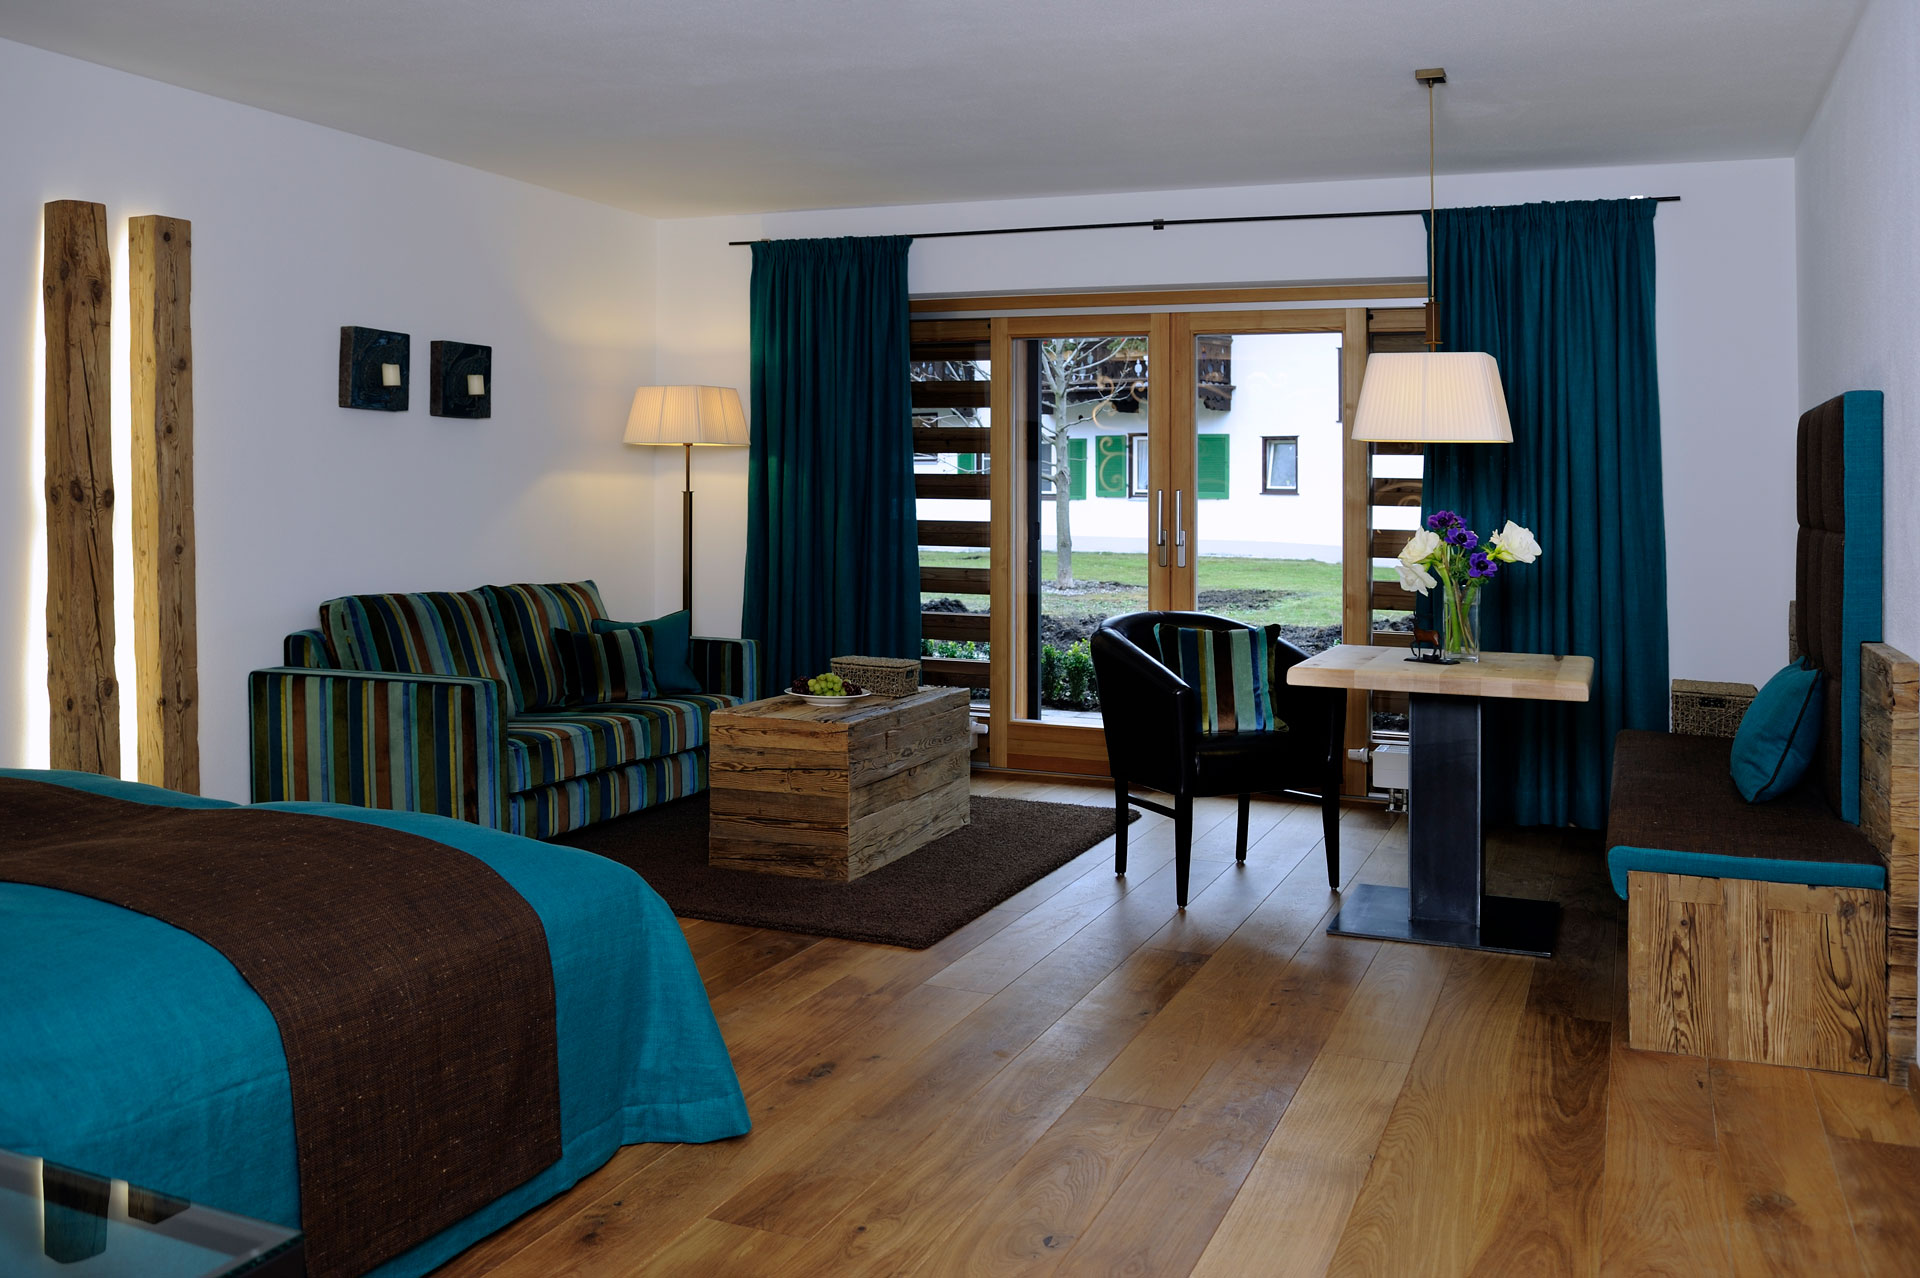 Tischlerei-Decker-Projekte-Egerner-Hoefe-Zimmer-mit-Wohnbereich-blau